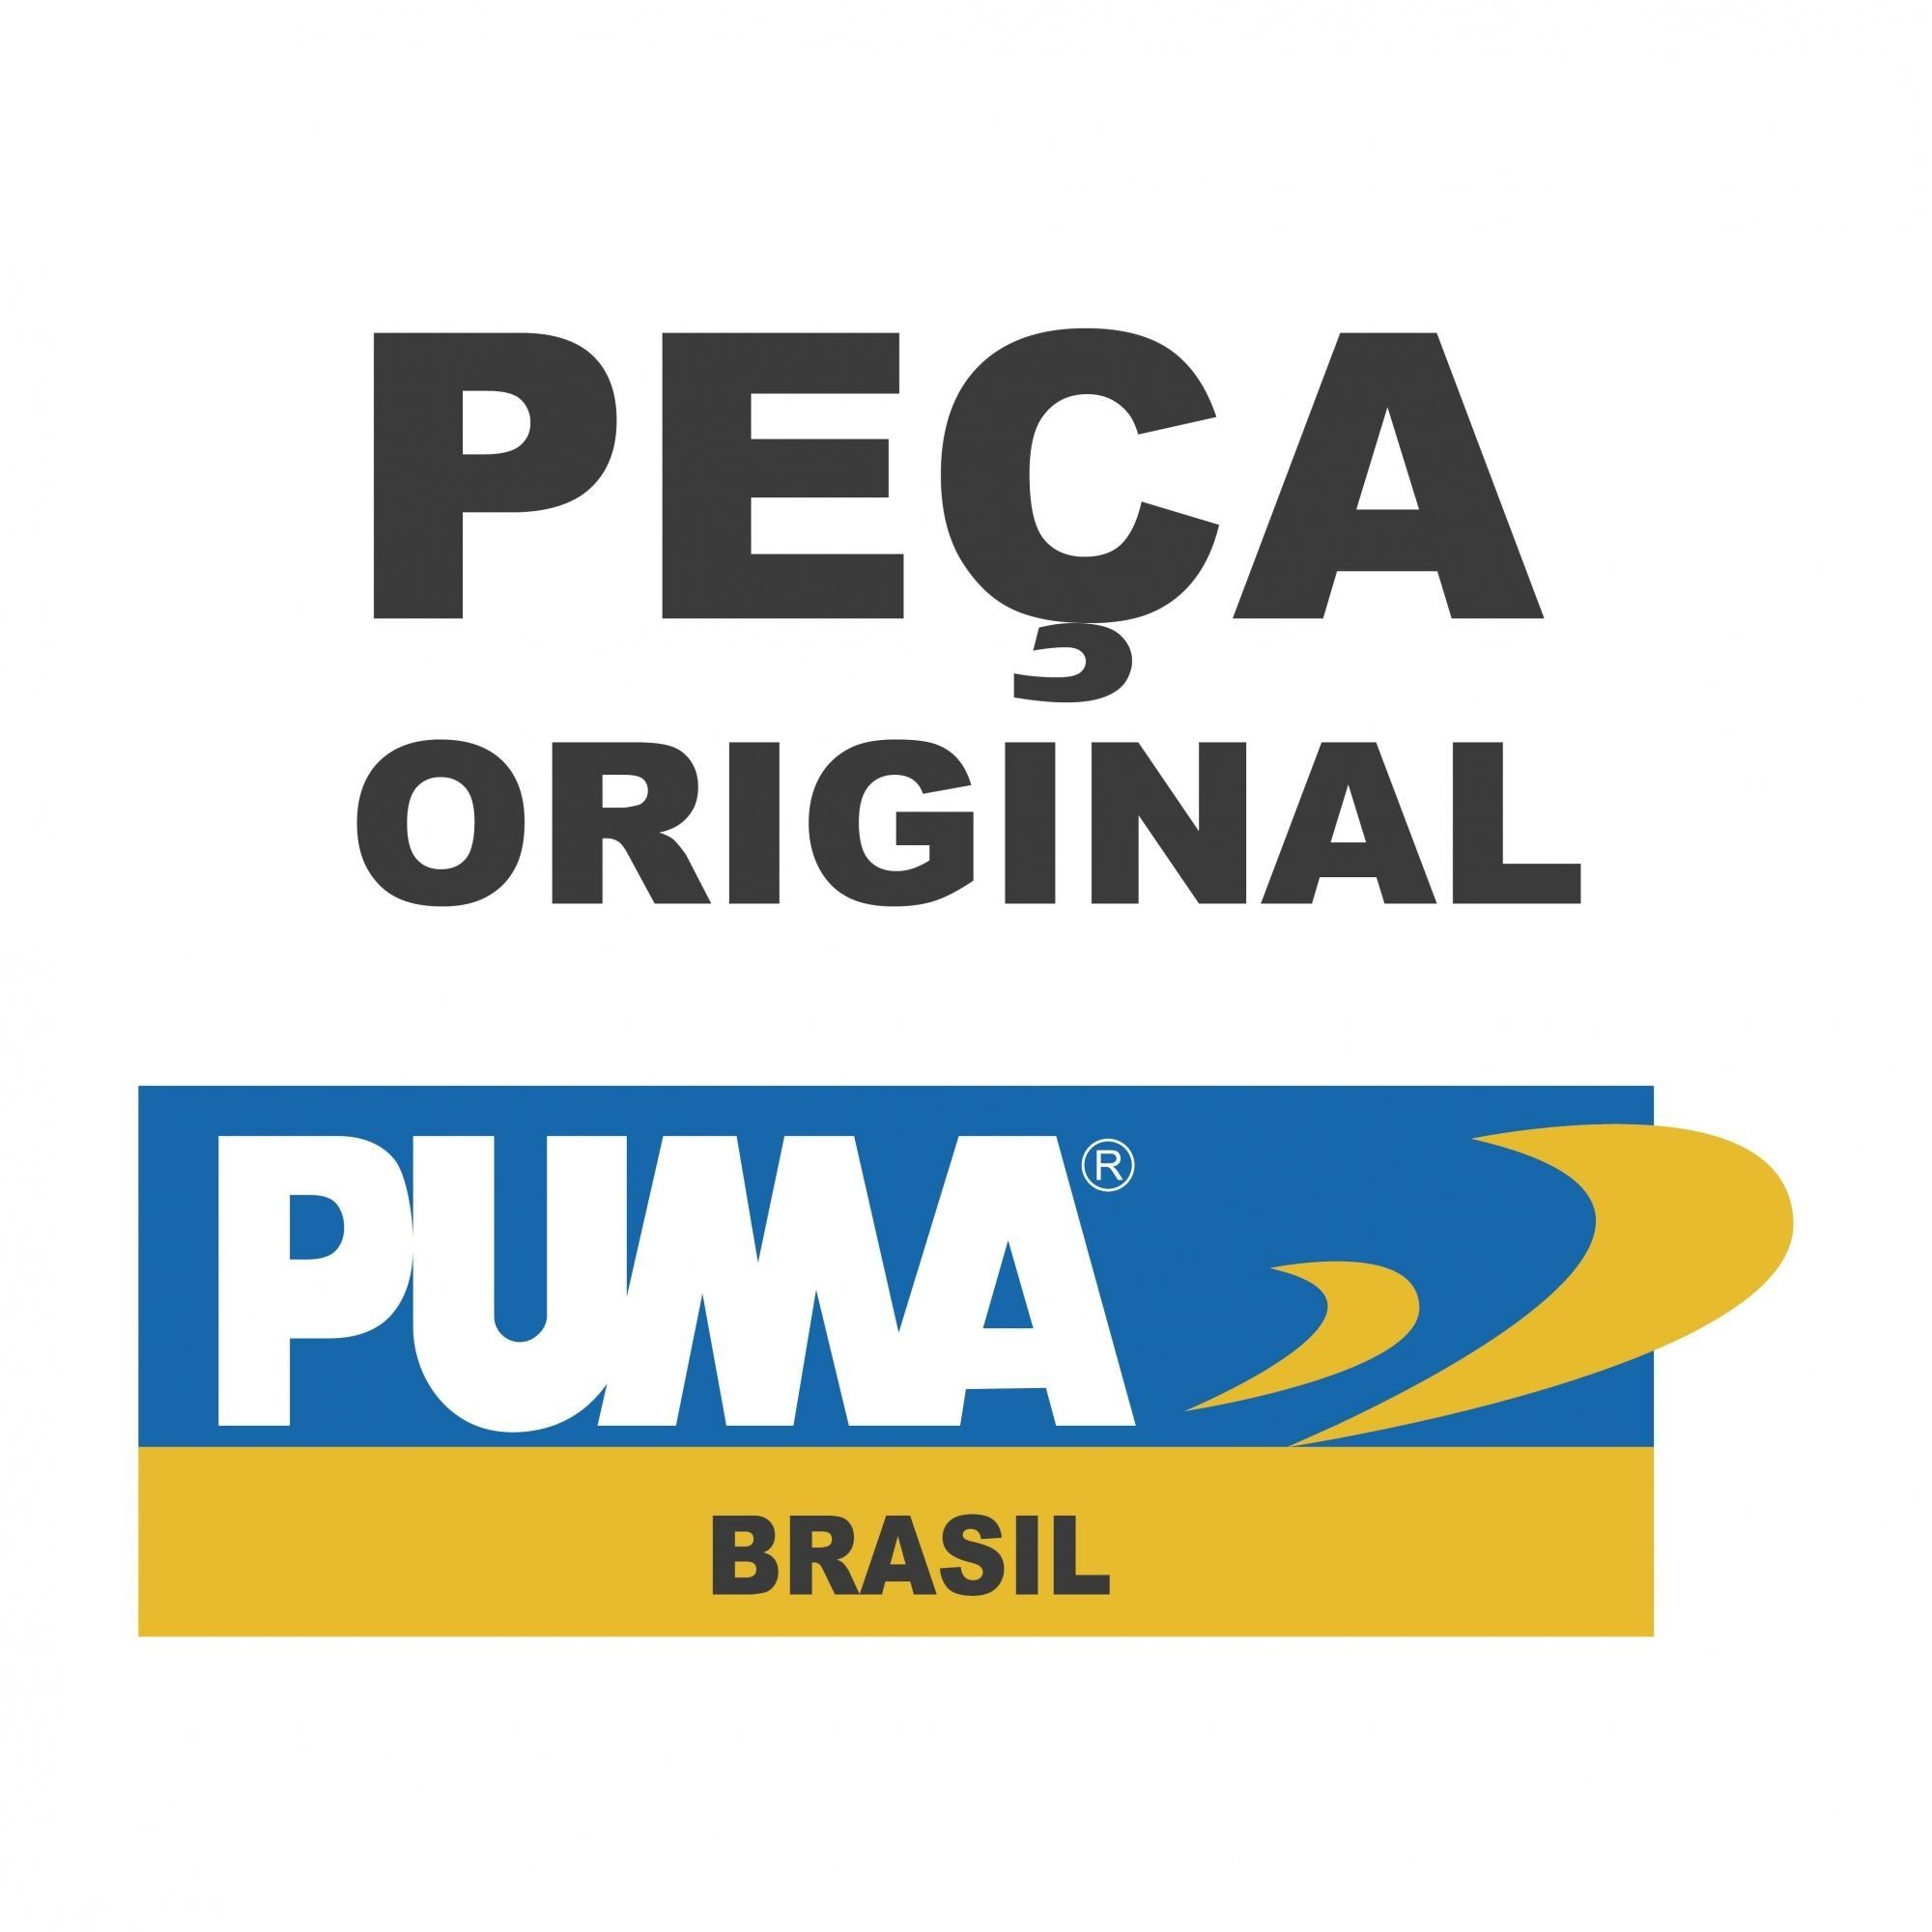 O'RING - PEÇA PNEUMÁTICA PUMA - T6007-14